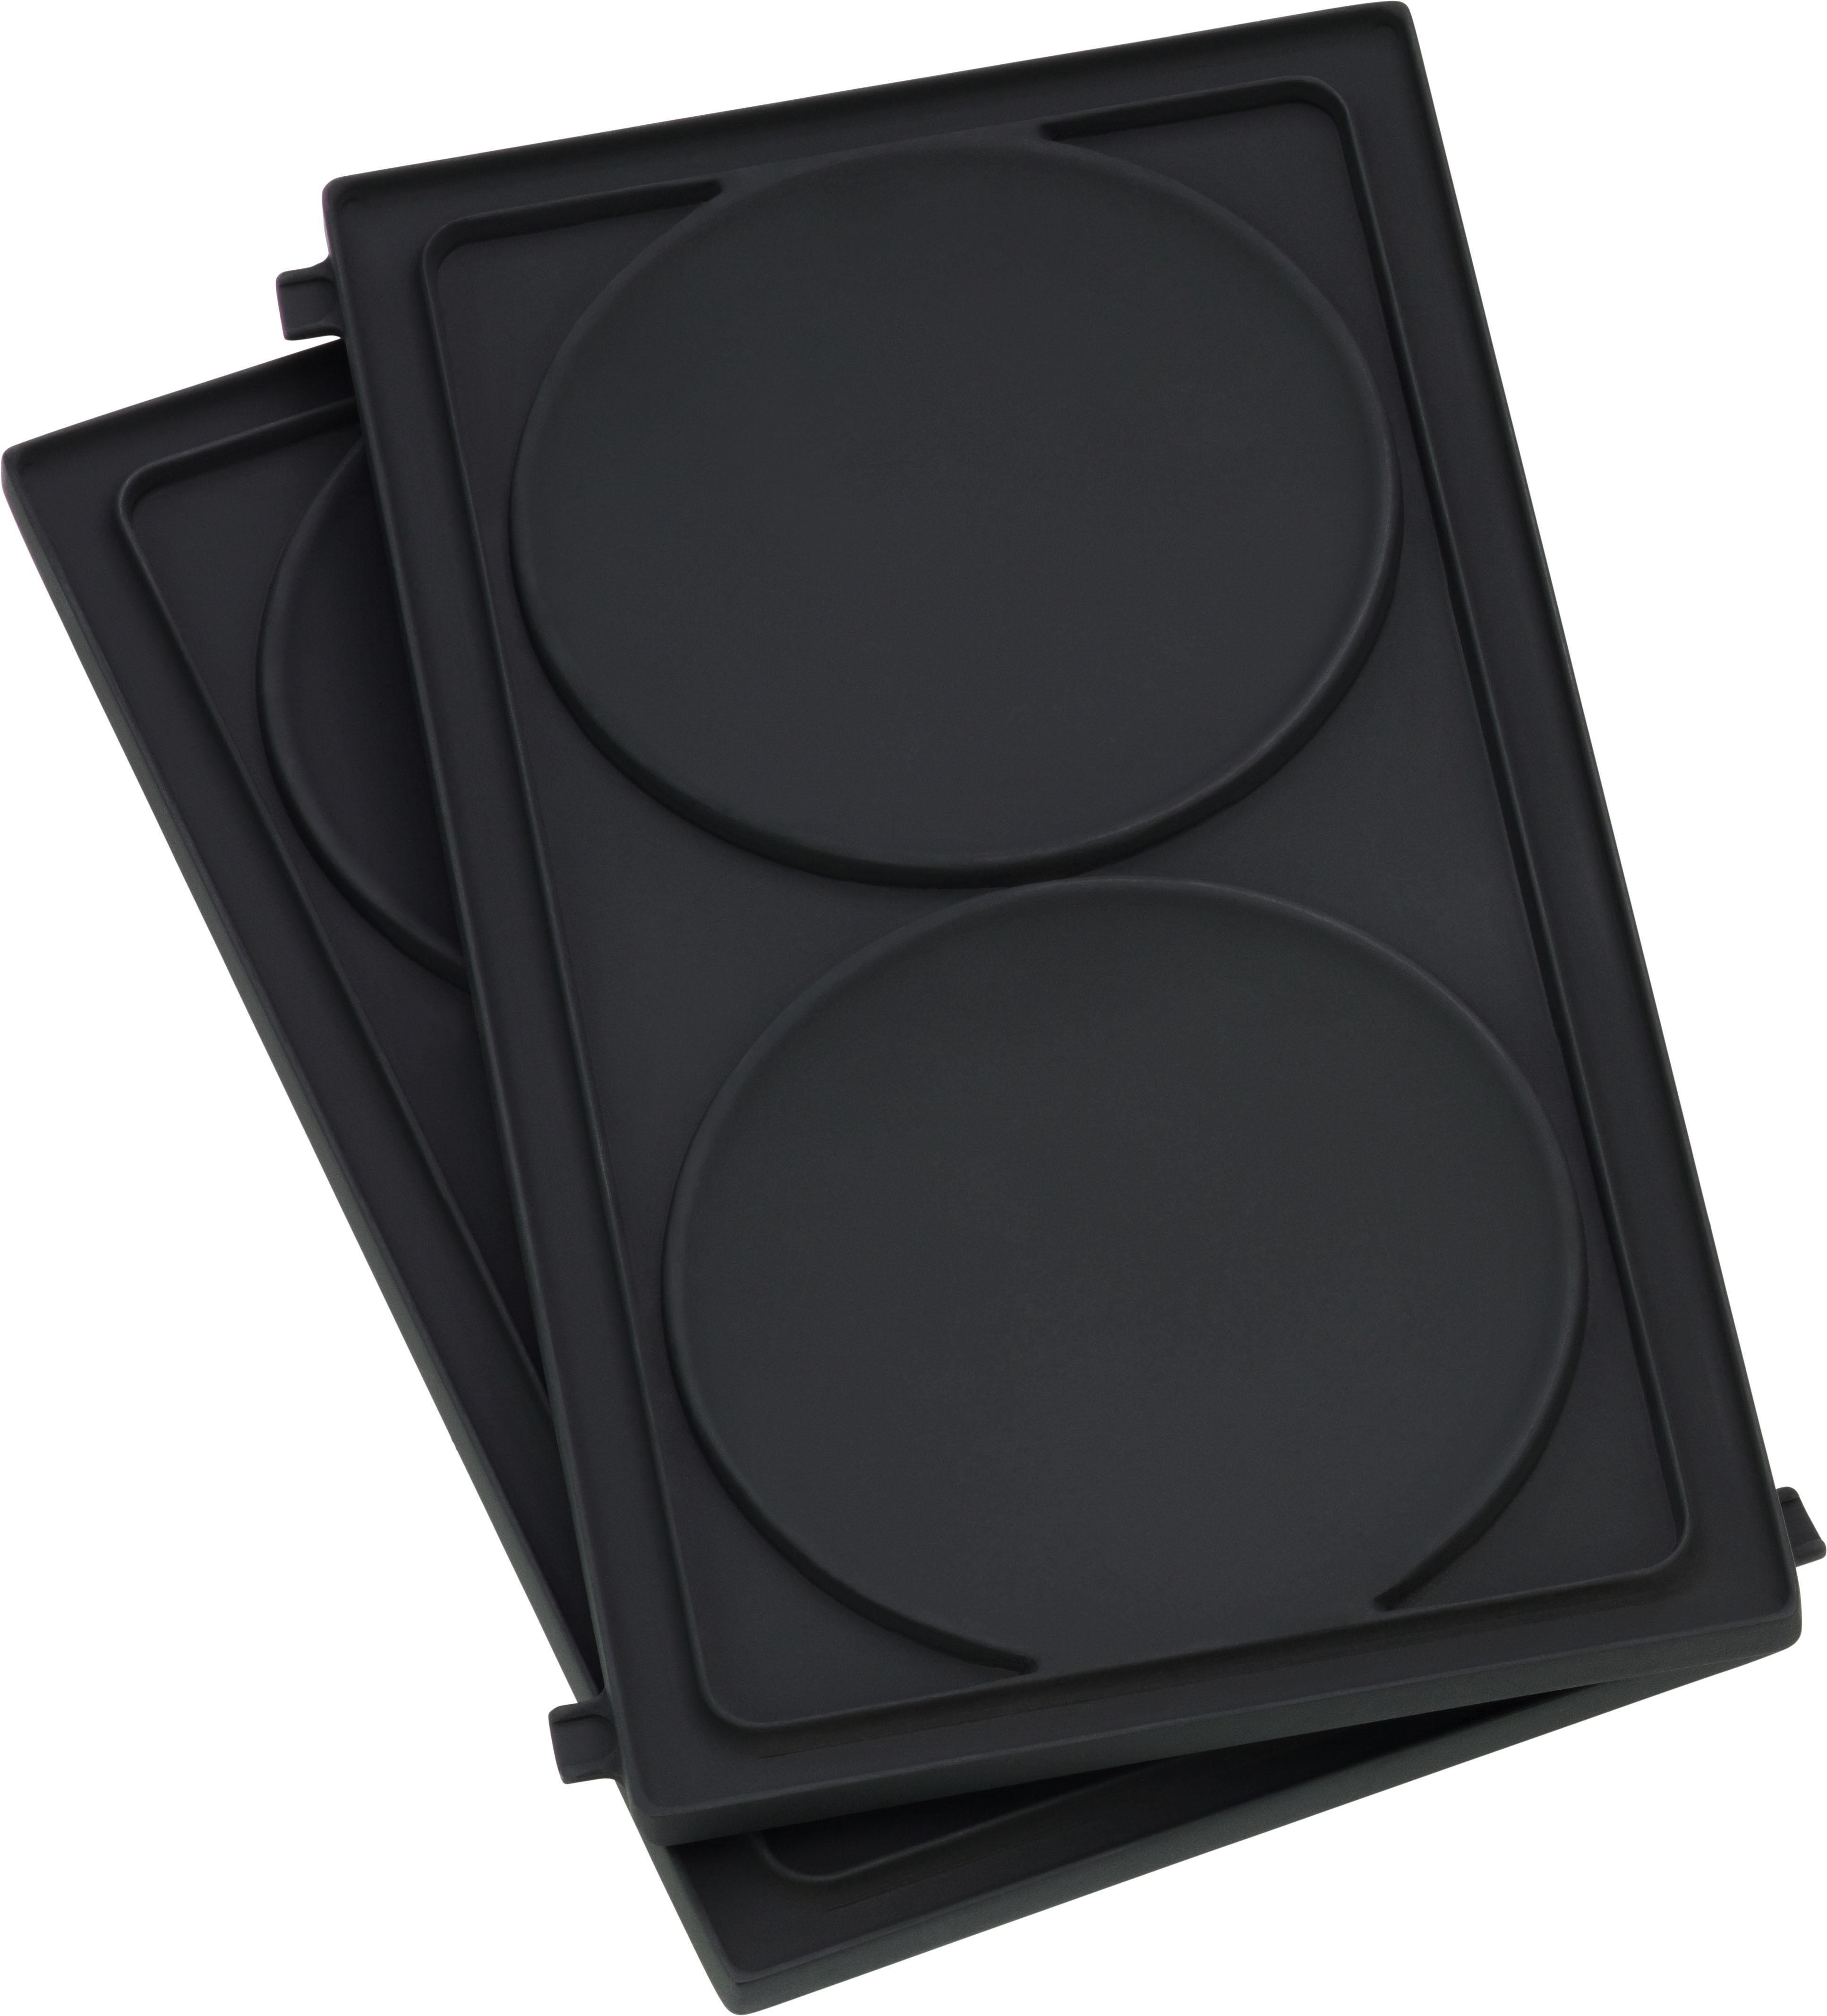 WMF Pancake Platten Zubehör für WMF LONO Snack-Master: Pancake Platten